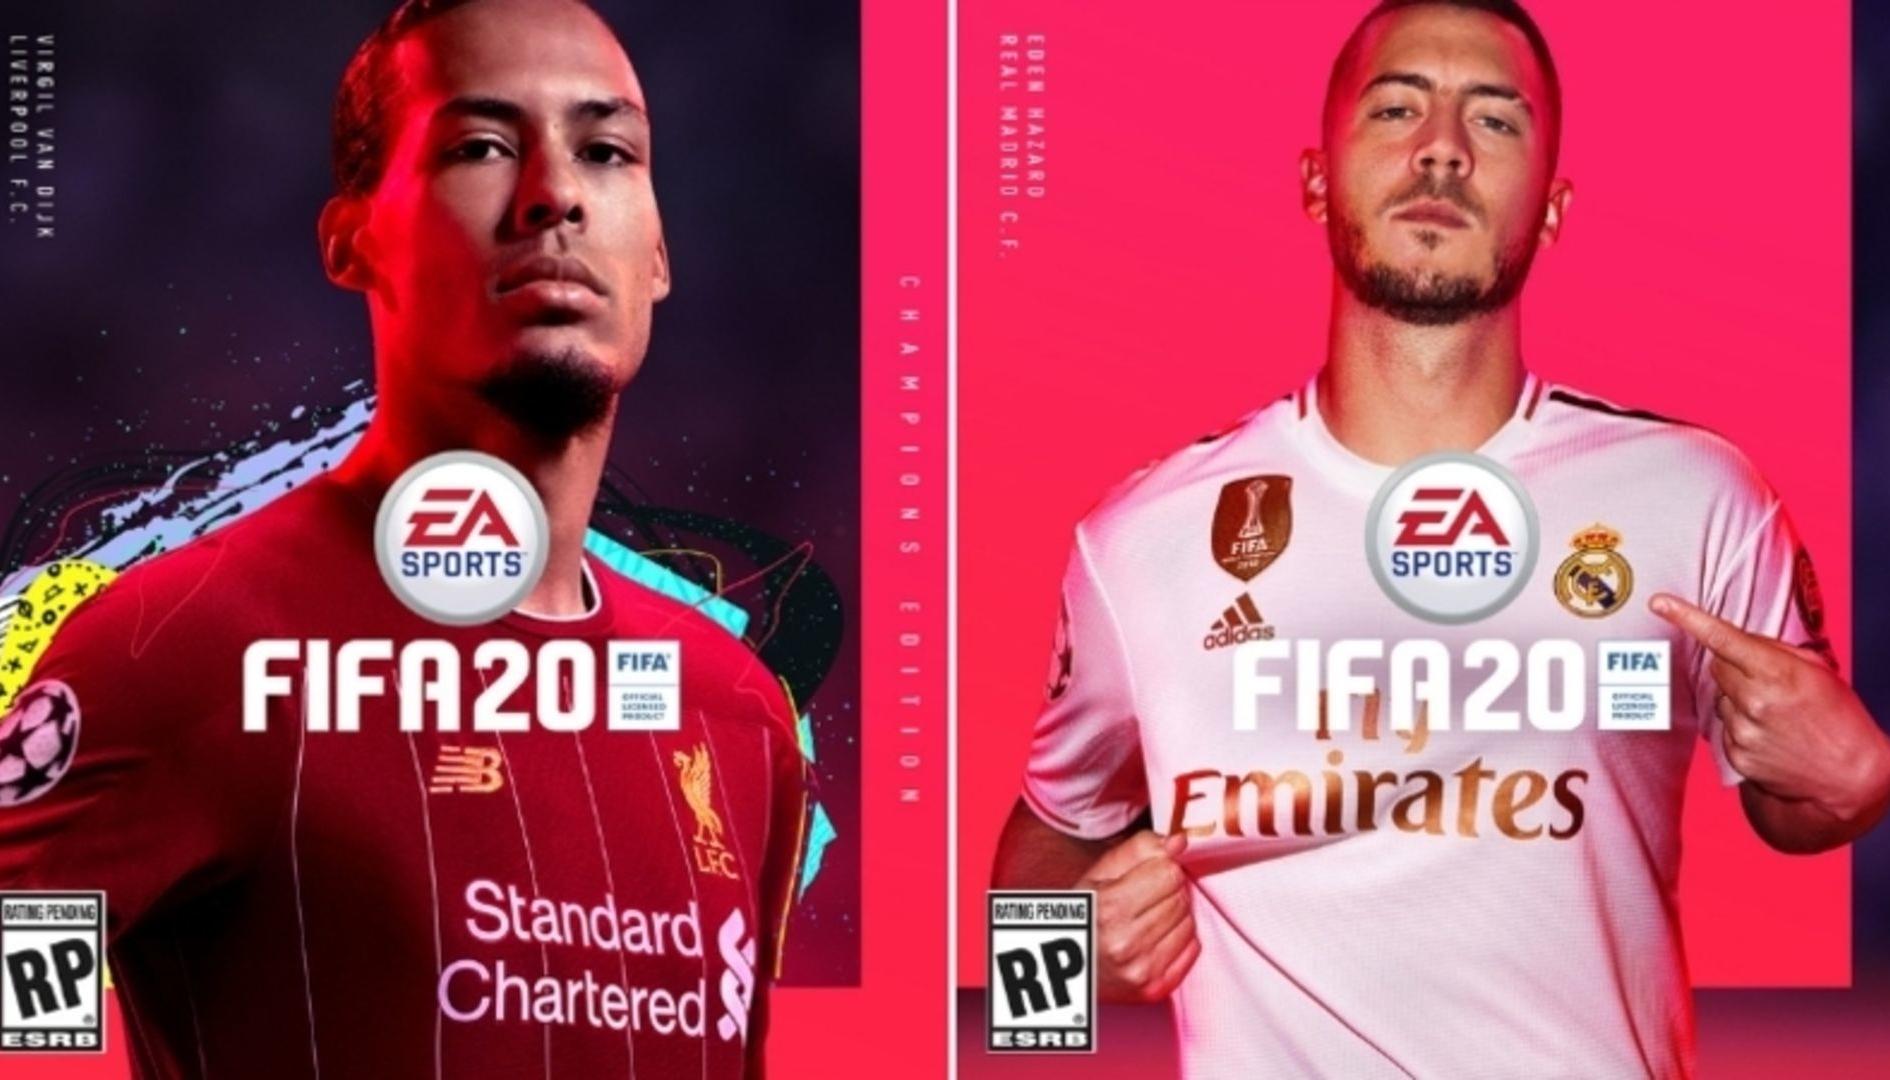 FIFA 20: ecco i campioni delle copertine ufficiali